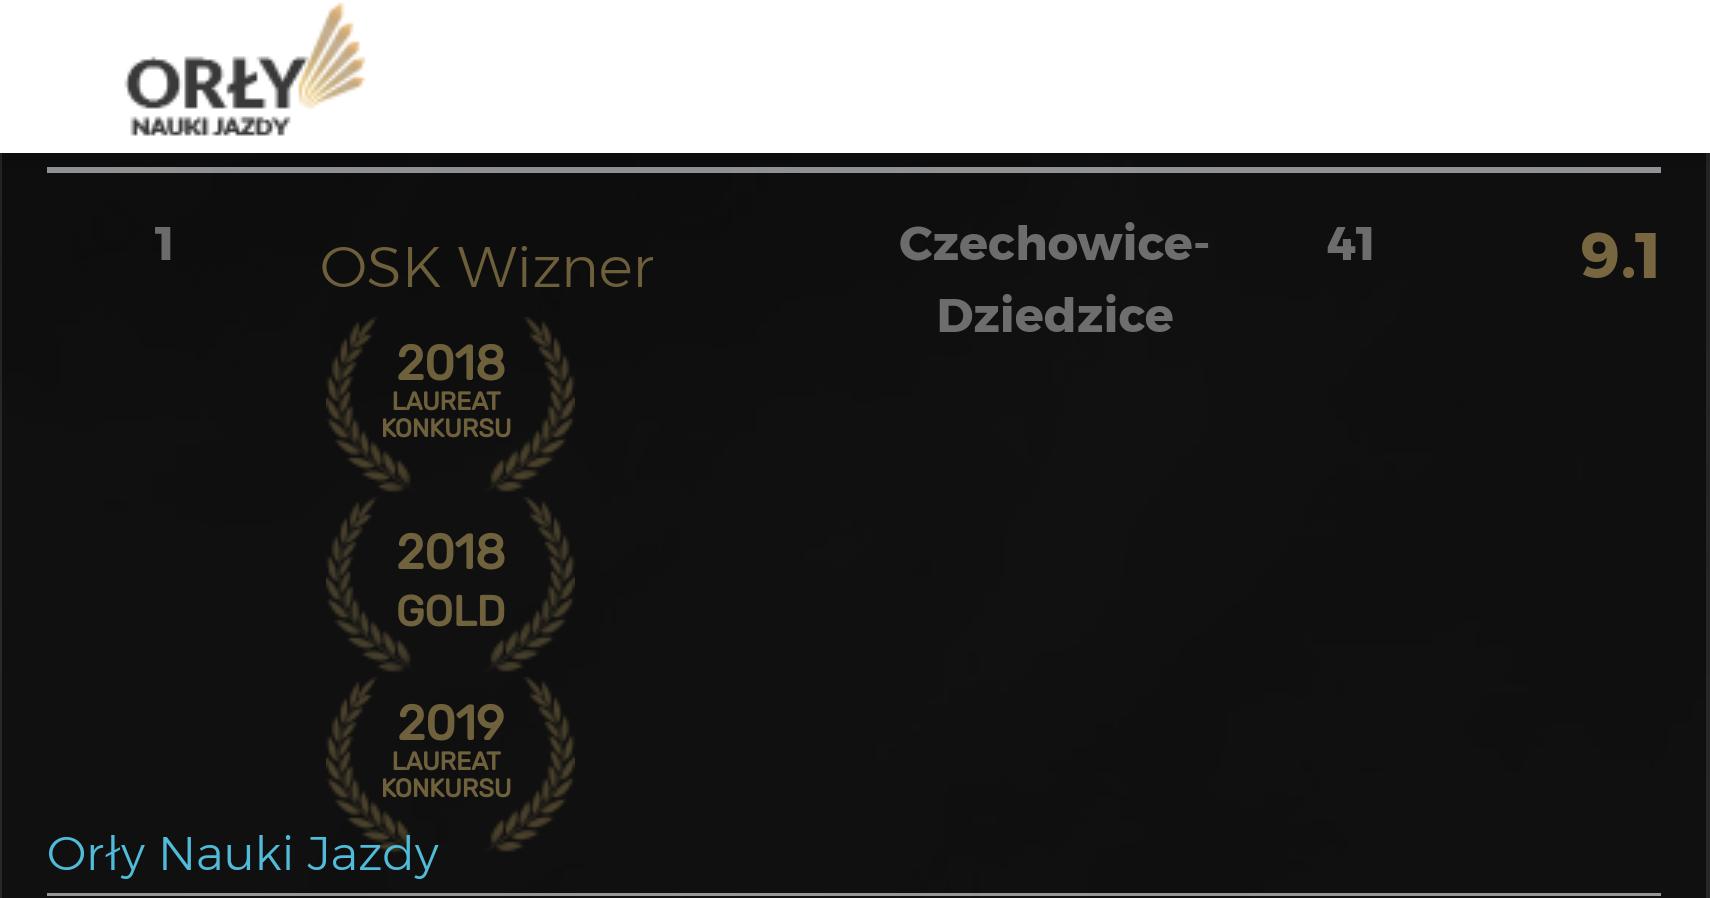 osk wizner - najlepsze prawo jazdy czechowice